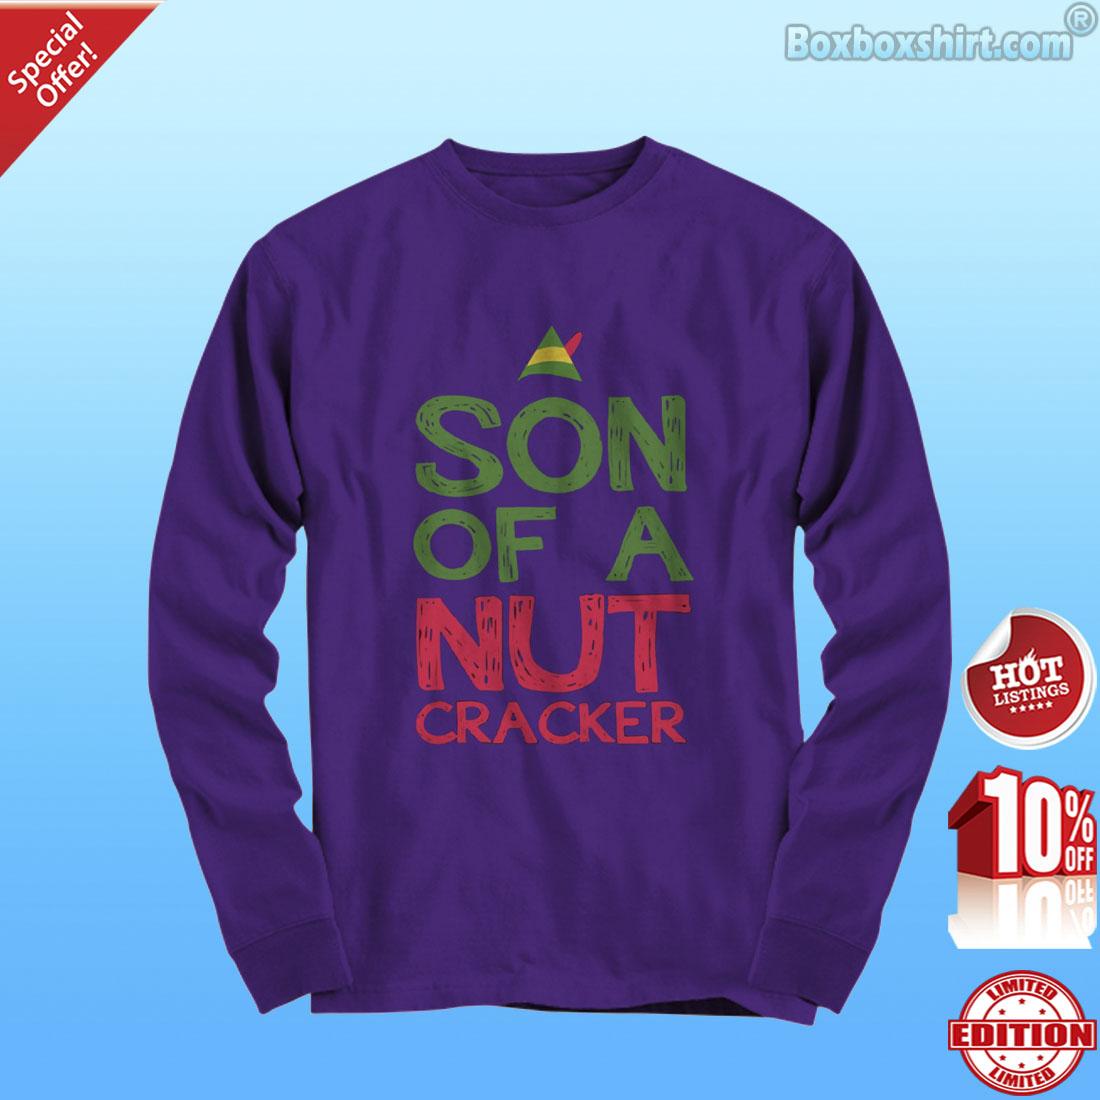 Son of a nut cracker shirt